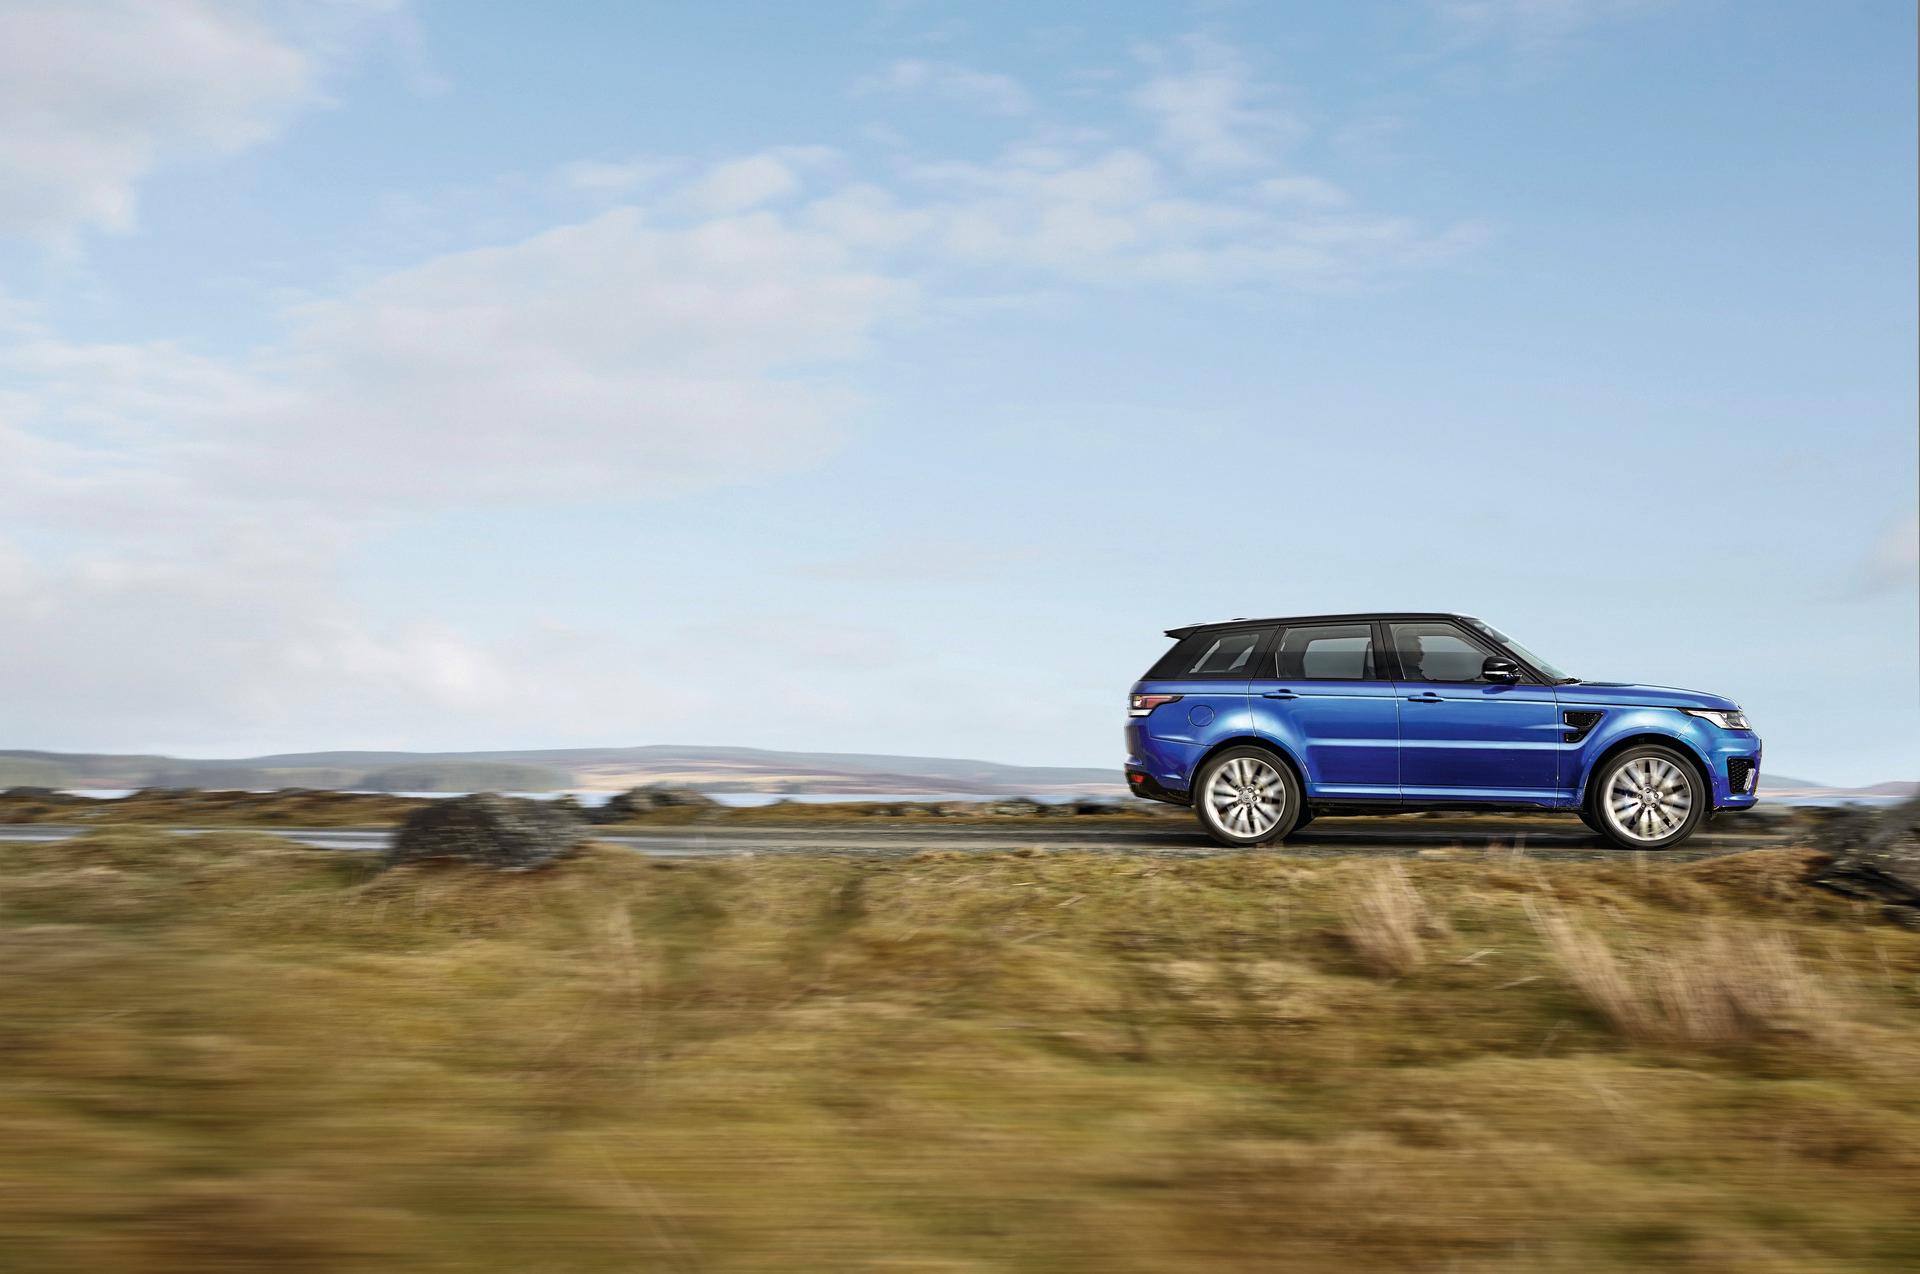 Who Makes The Range Rover Car Carrrs Auto Portal